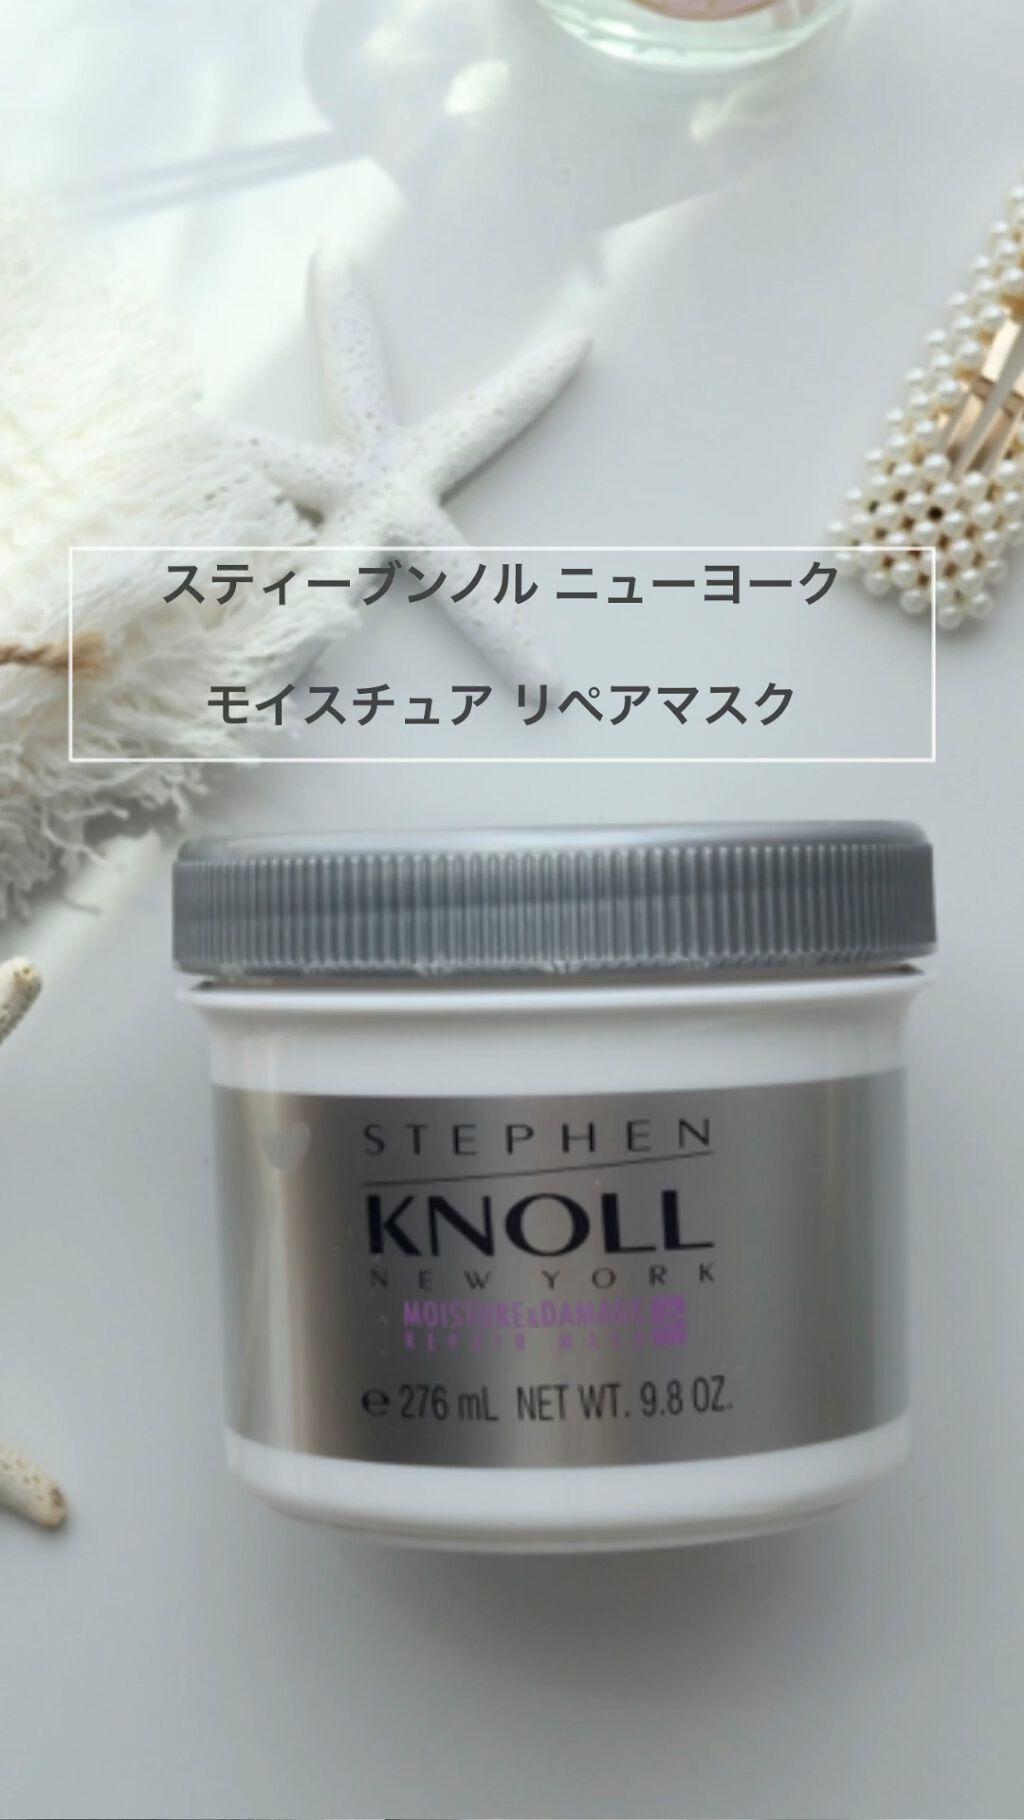 モイスチュア リペアマスク/スティーブンノル ニューヨーク/洗い流すヘアトリートメントを使ったクチコミ(1枚目)